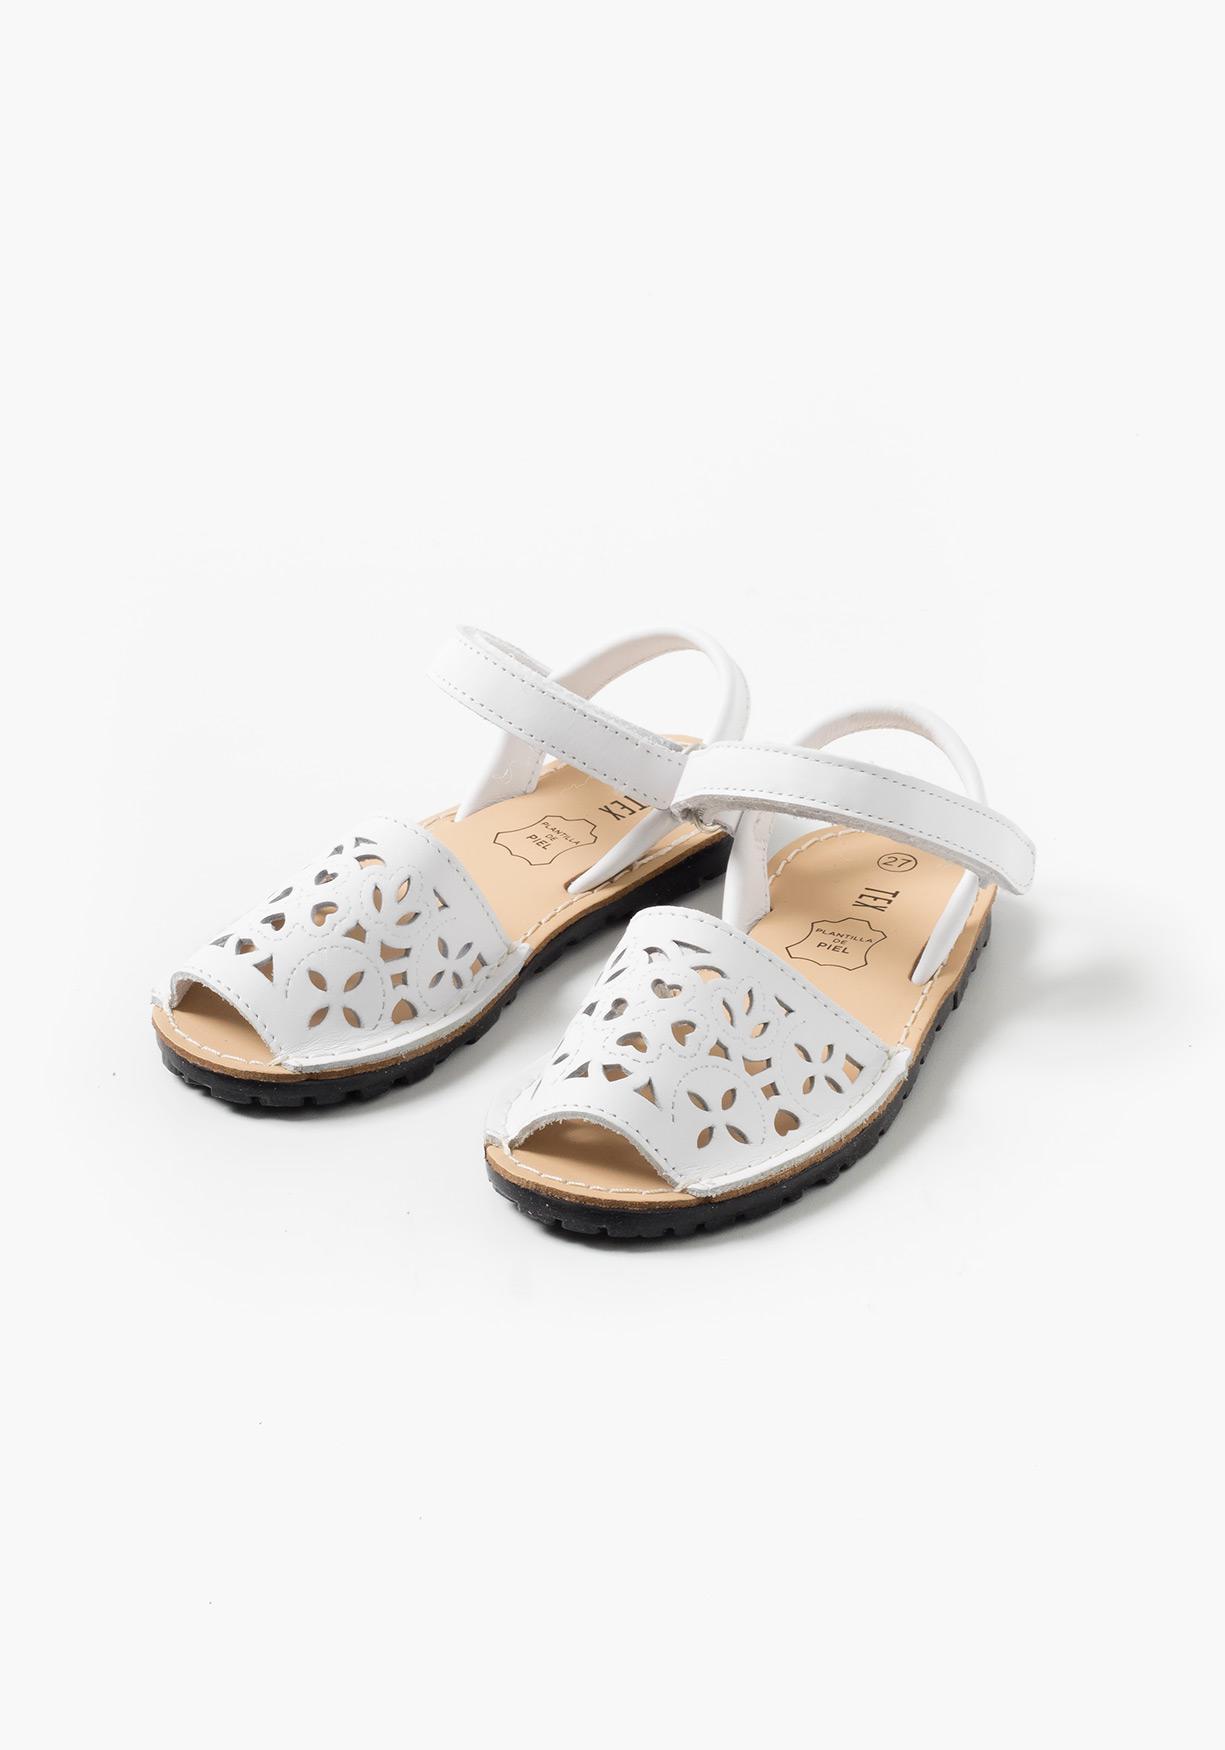 4ce5c9410a9 Comprar Sandalias menorquinas de piel TEX (Tallas 22 a 27 ...